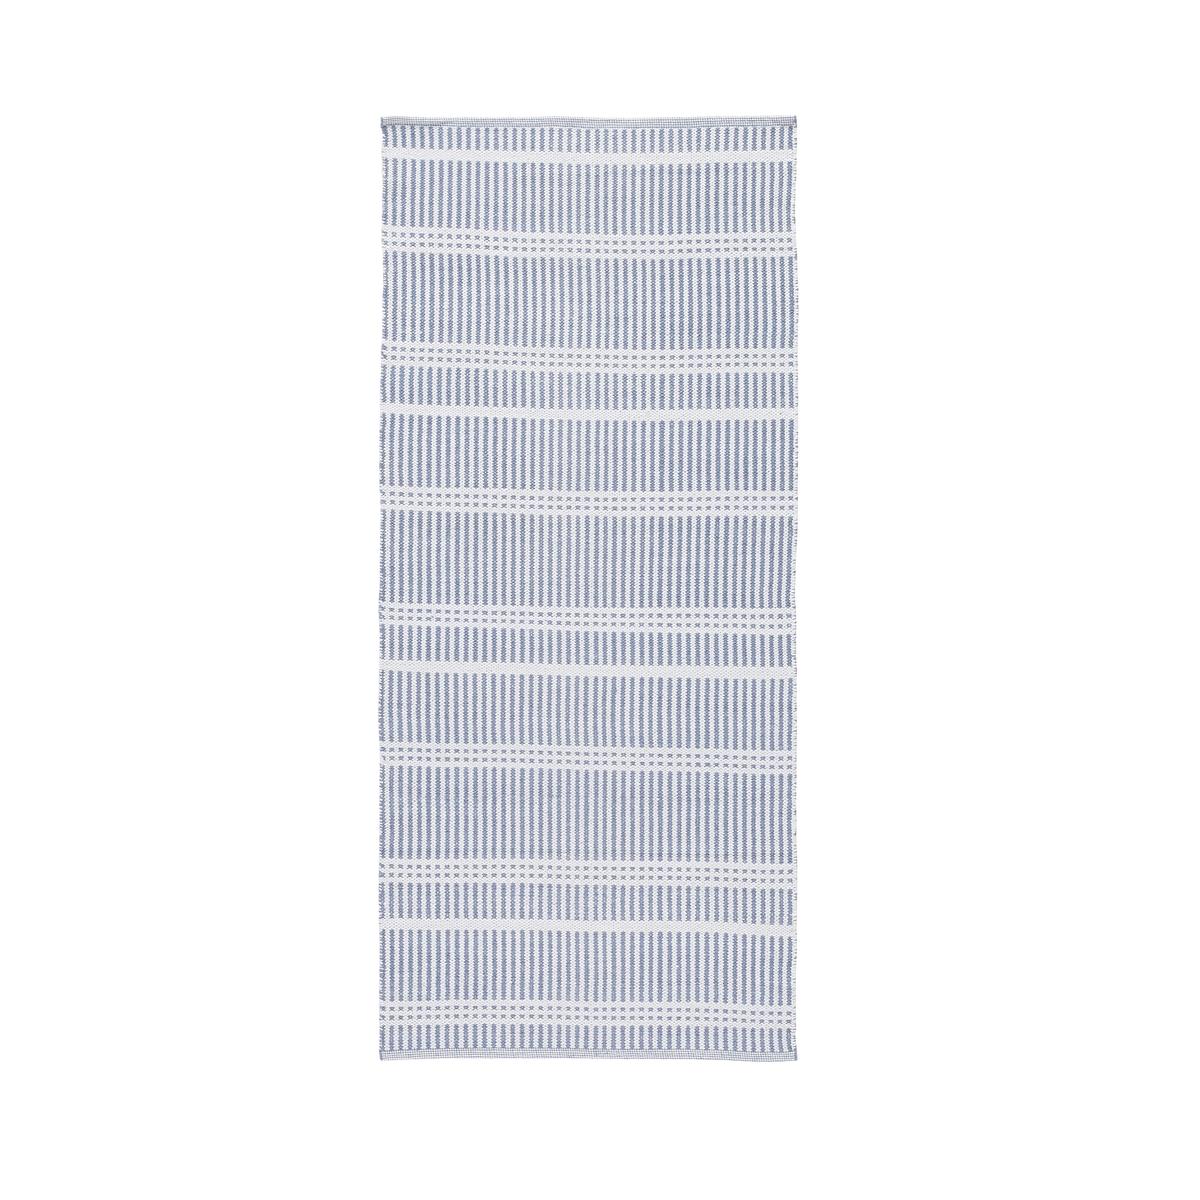 Ковровая La Redoute Дорожка для экстерьера Lasvis рисунок в полоску 90 x 200 см белый ковер la redoute горизонтального плетения с рисунком цементная плитка iswik 120 x 170 см бежевый